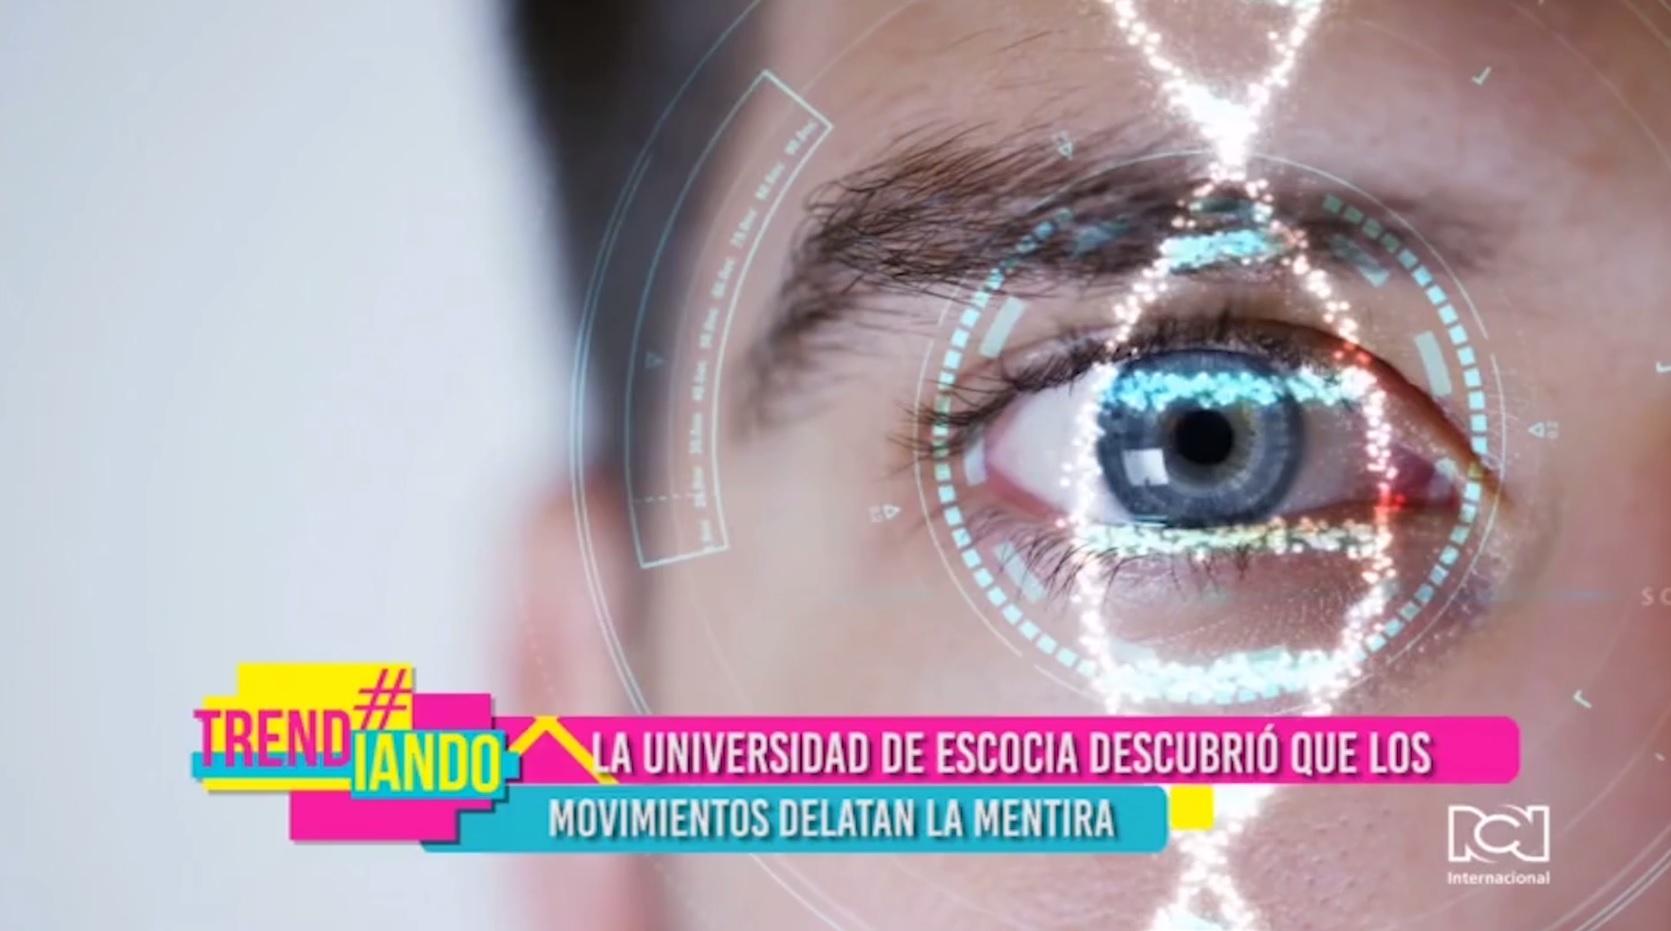 Detector de mentiras ocular